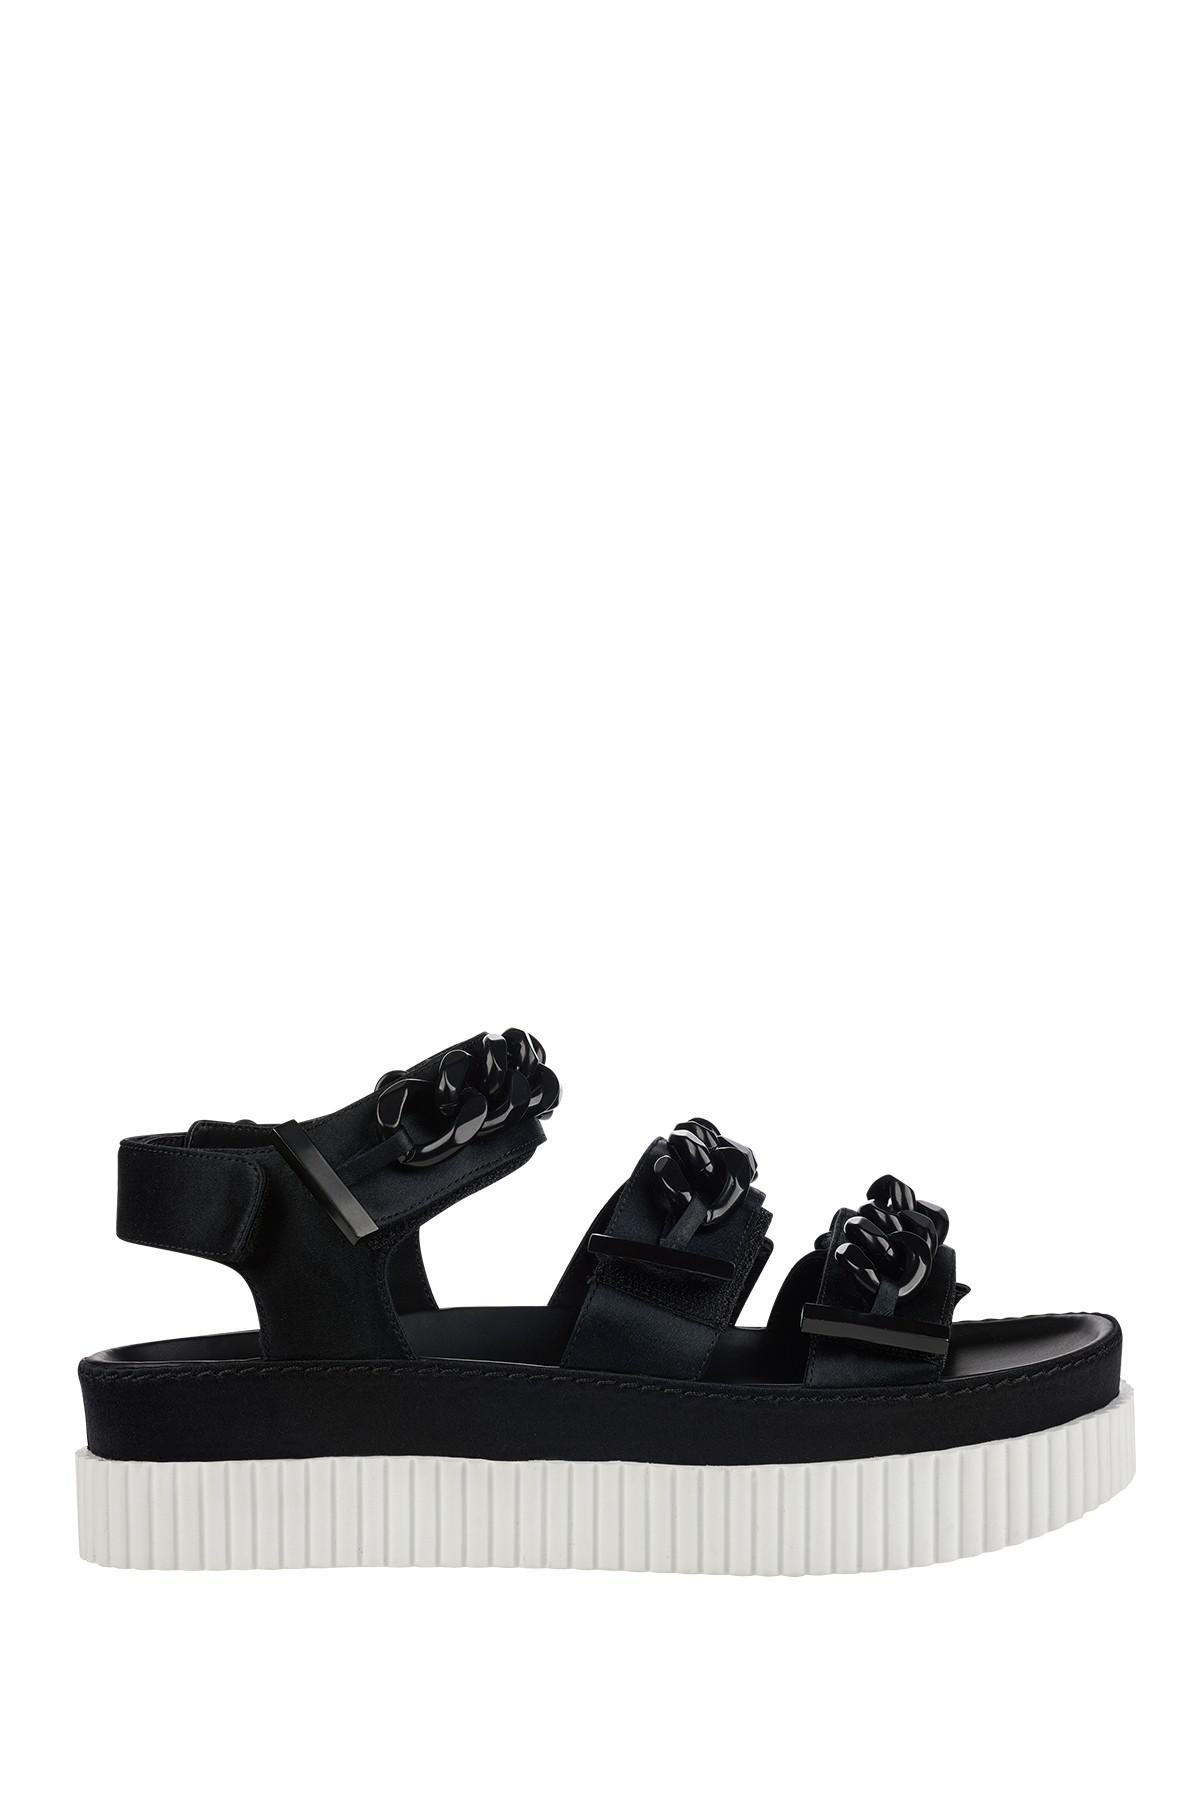 Kendall & Kylie Kk Ivie 3 Sandale Jeu Explorer La Sortie De Nouveaux Styles remise En Vente Sur Ebay Livraison Gratuite Avec Paypal 0hmSKfk